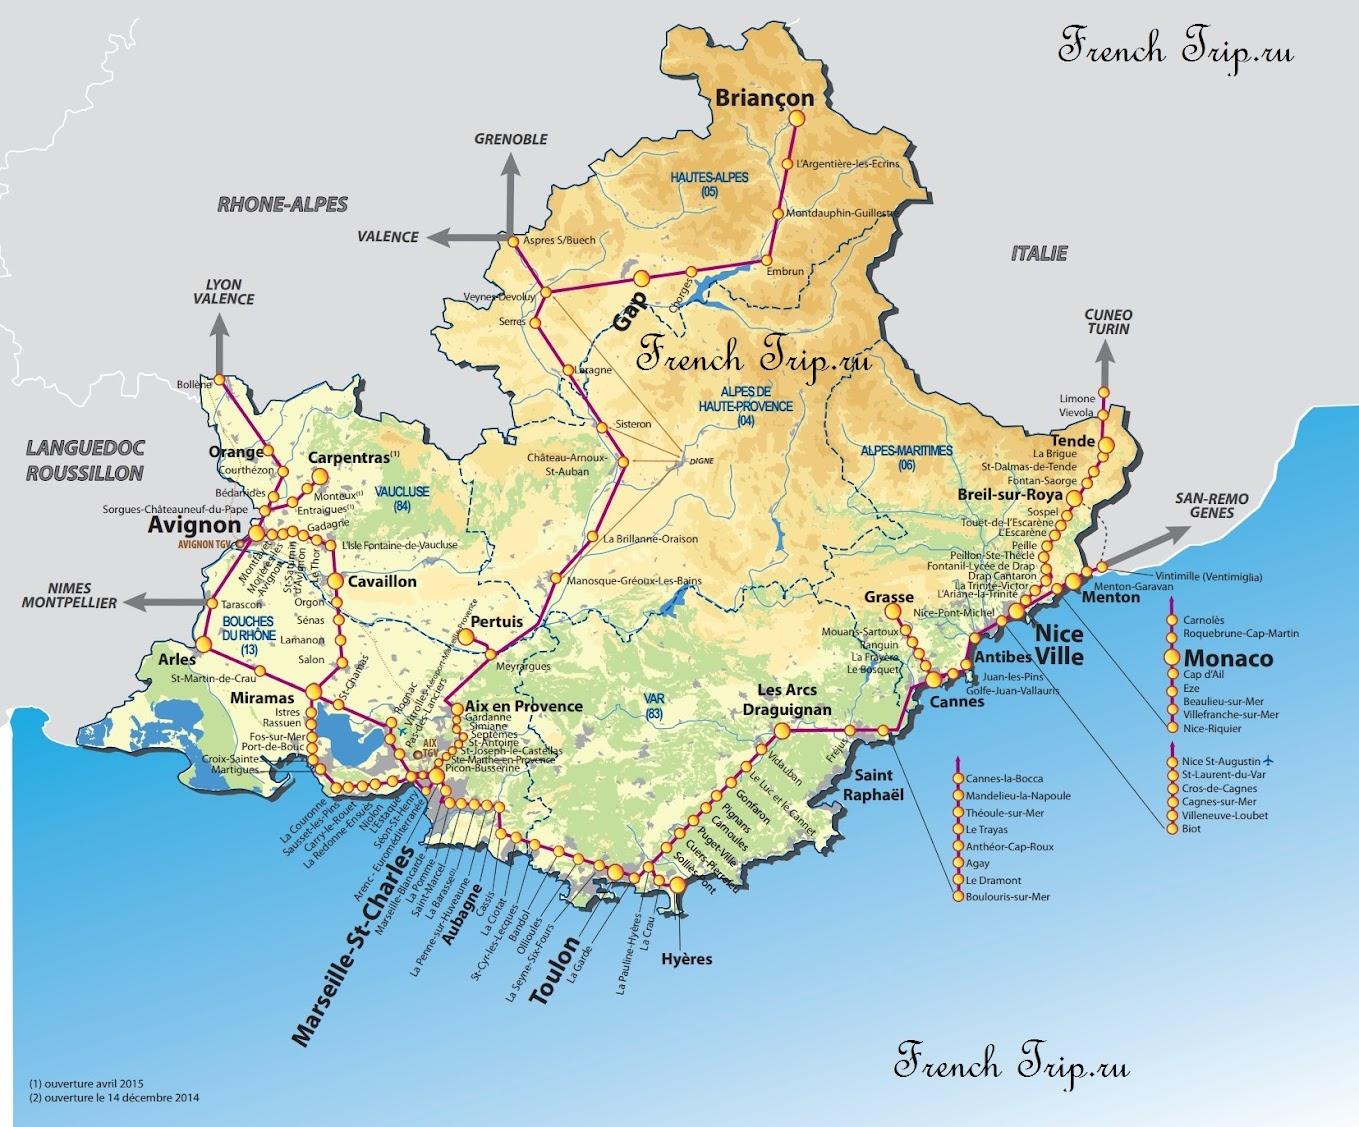 Региональные поезда TER по Провансу - Поезда Прованса